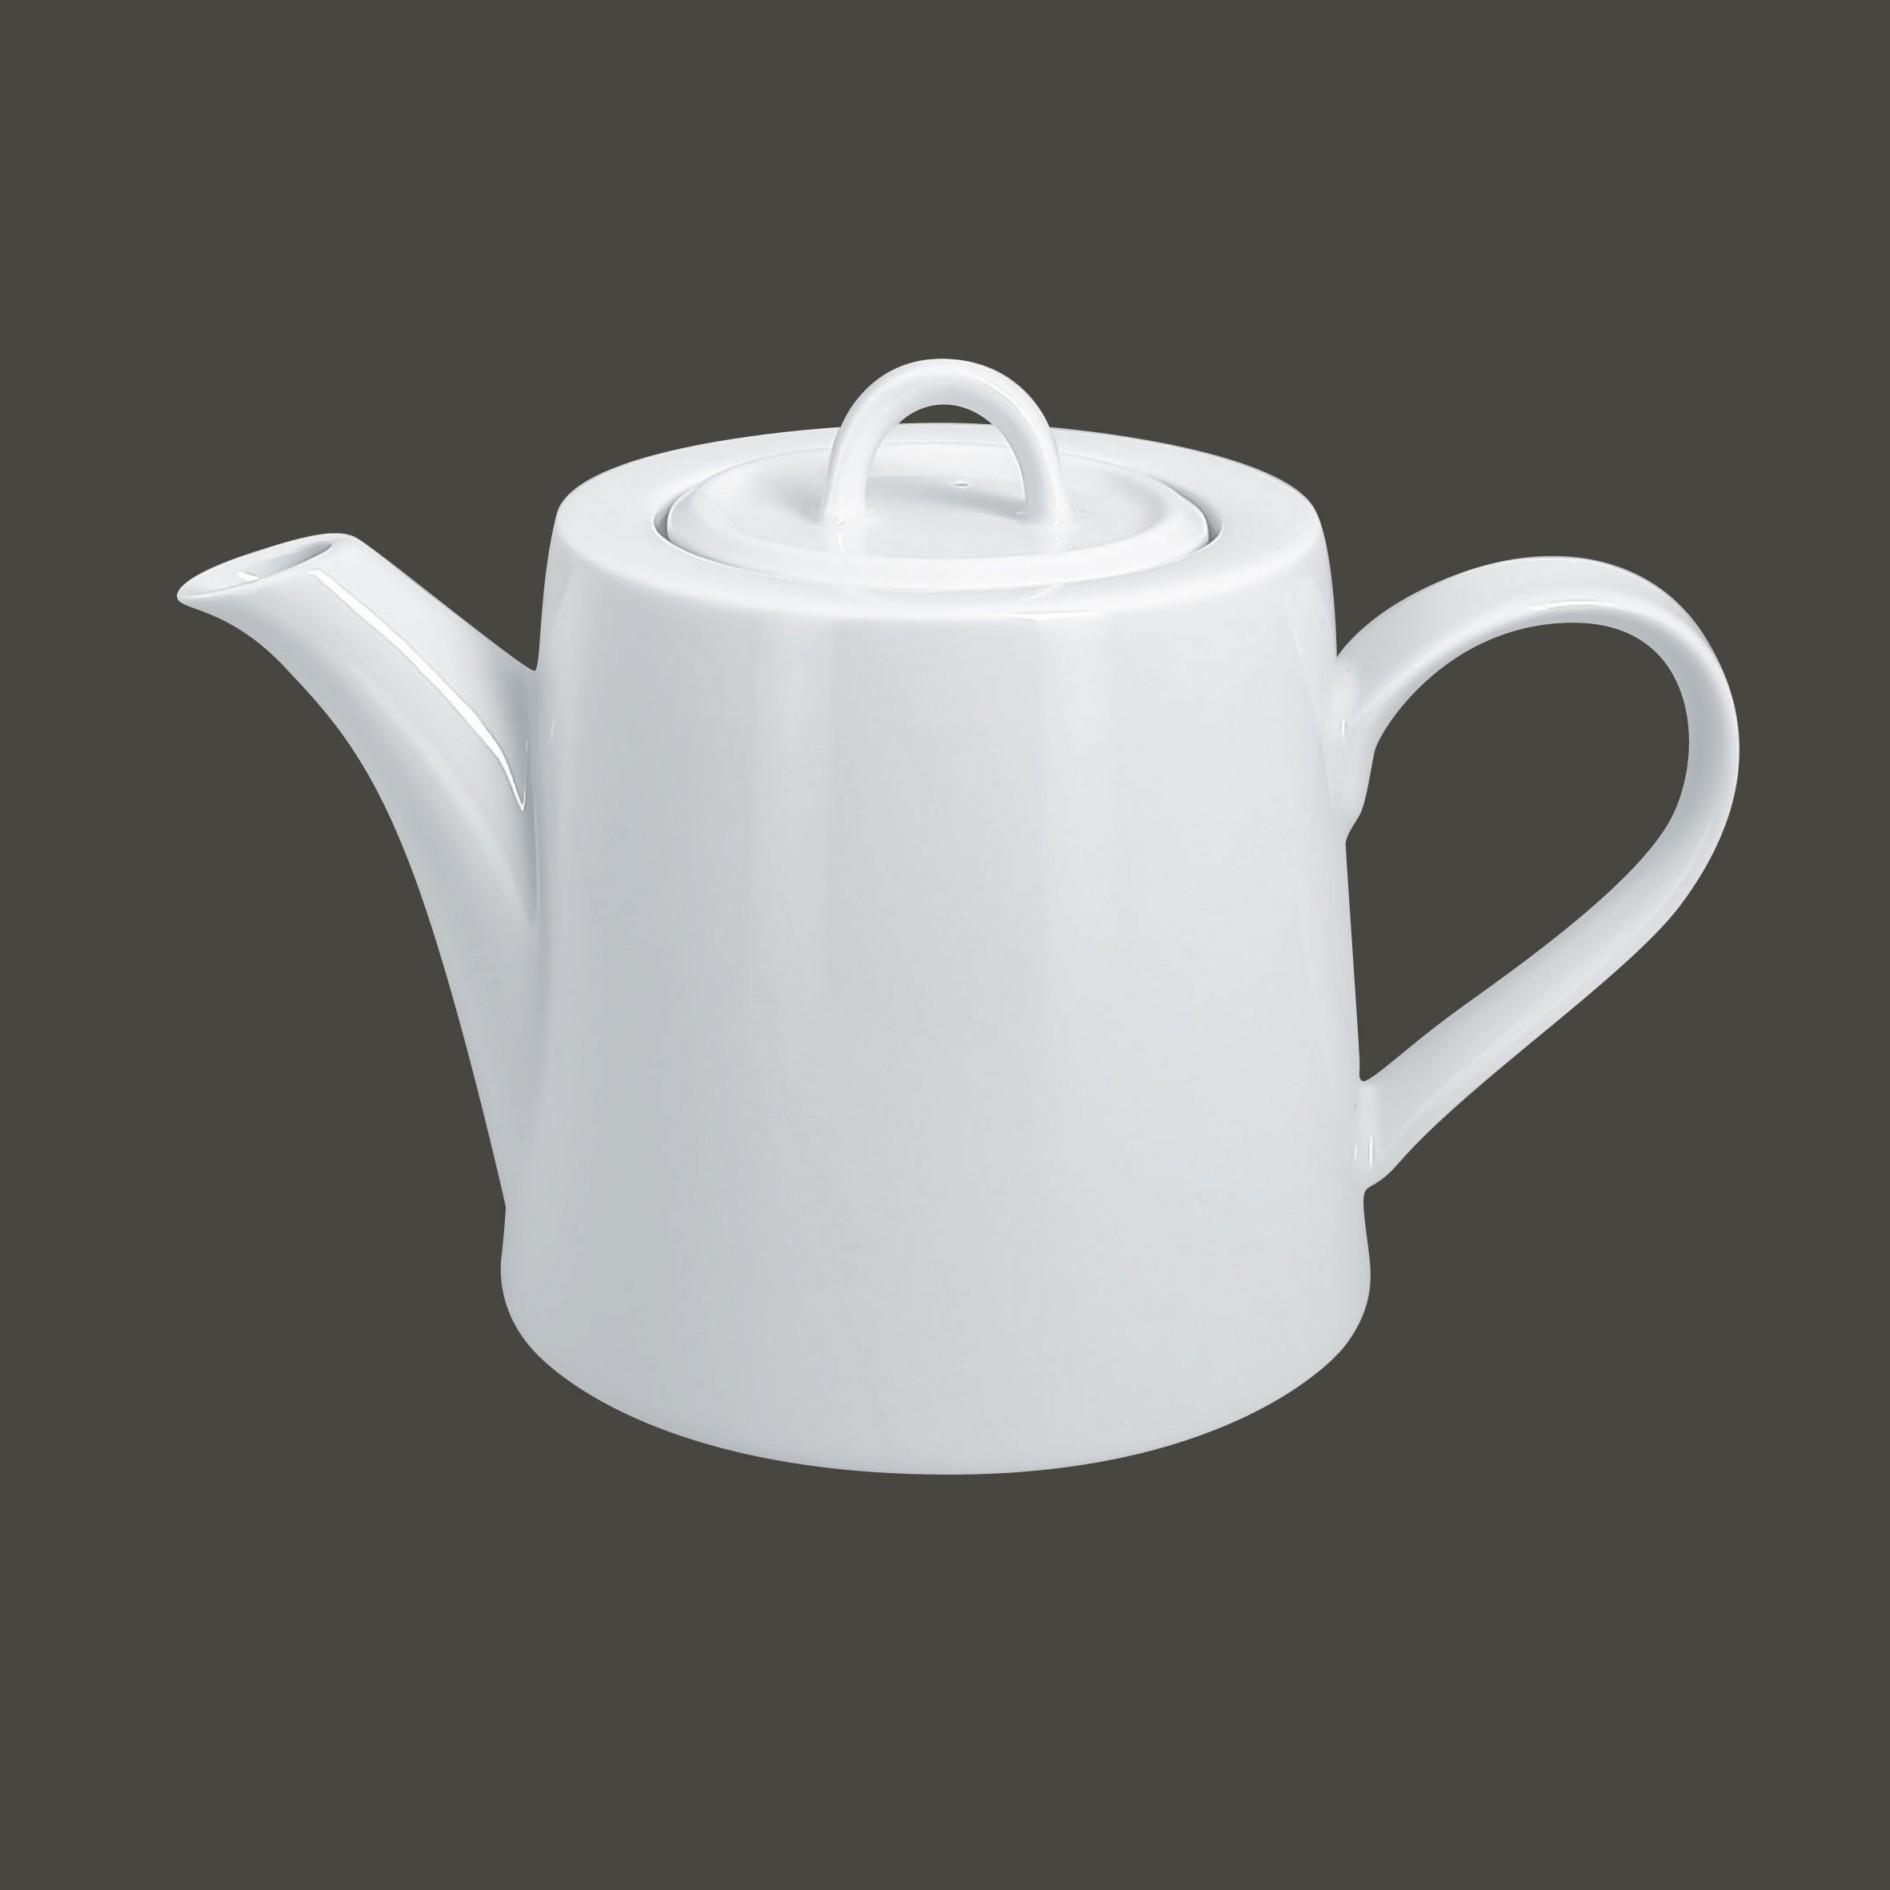 Acces konvička na čaj 80 cl